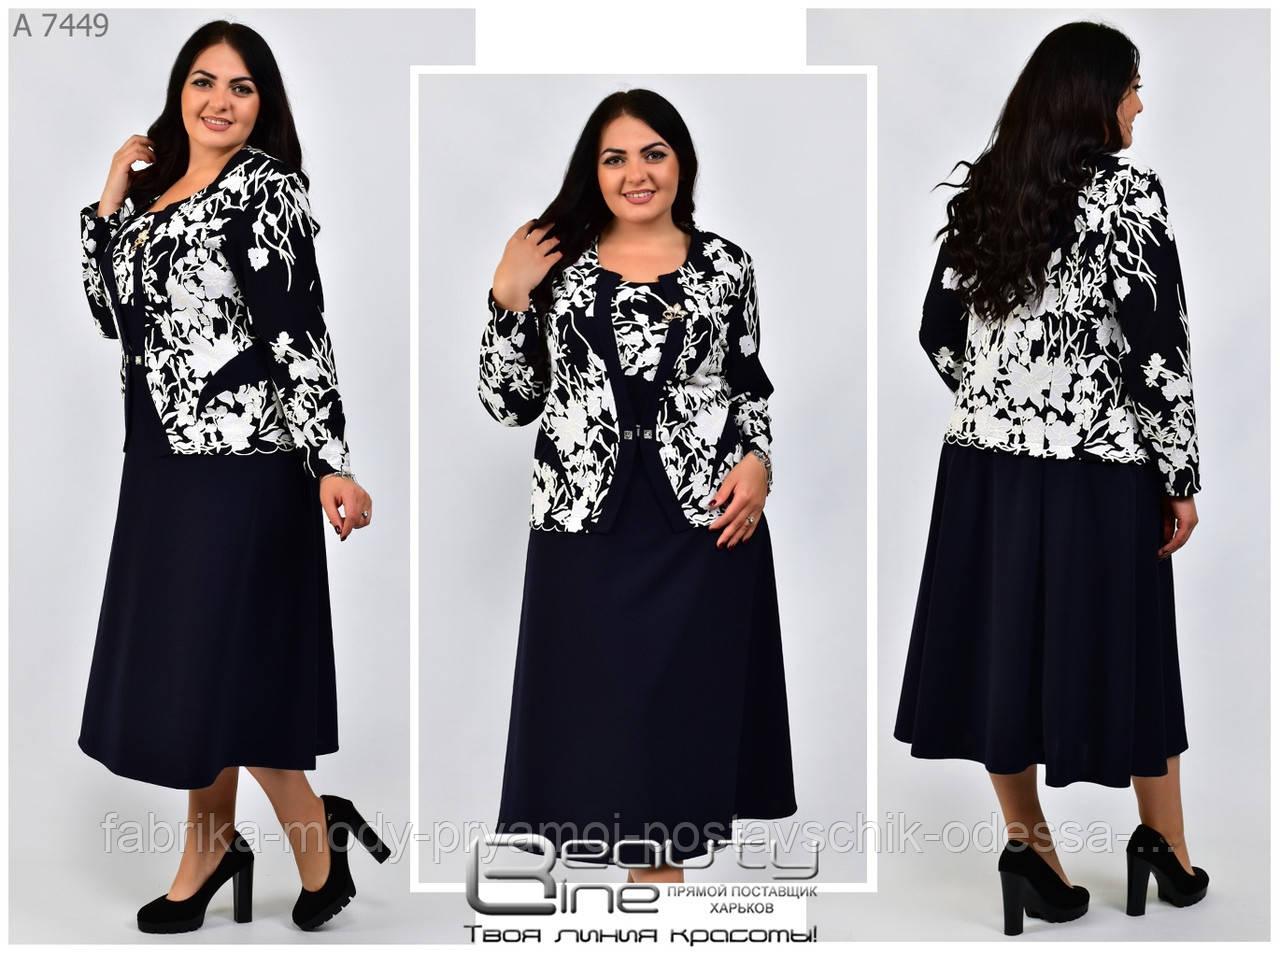 Женское осенне платье Линия 62 -72 размер №7449